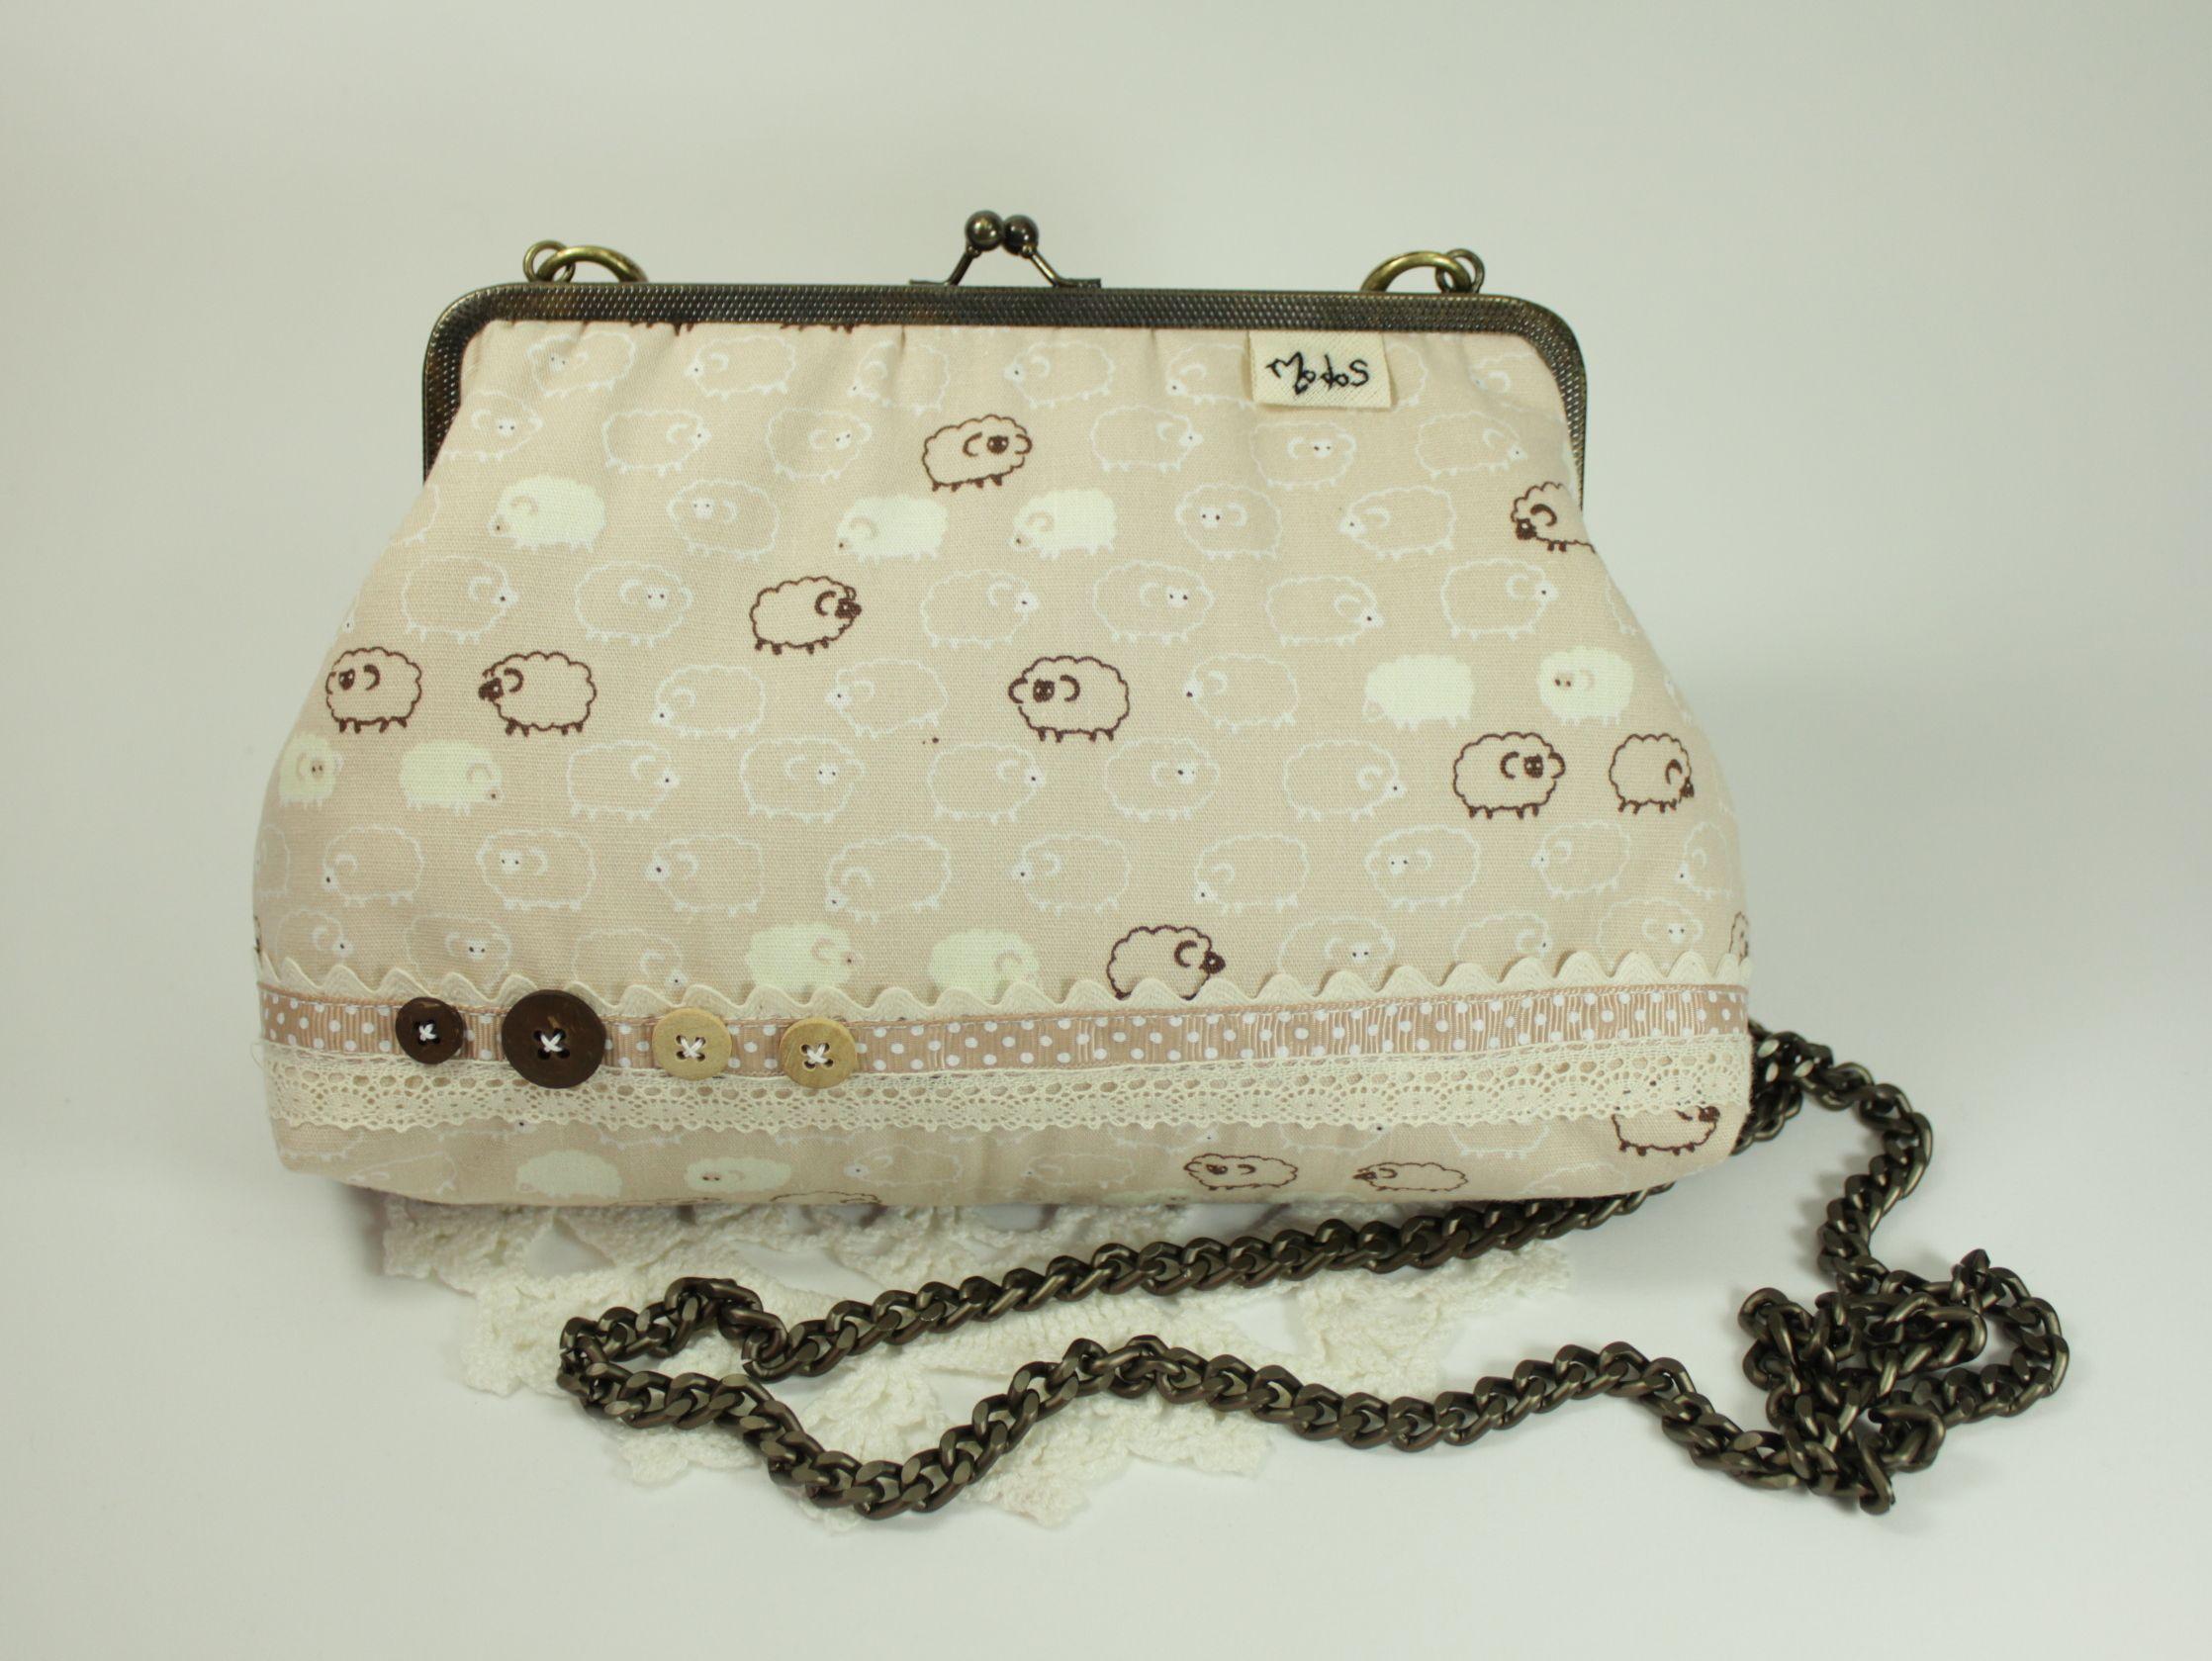 Modos de Mocinha, http://www.elo7.com.br/bolsa-da-vovo-carneirinho-carneirao/dp/28AB65    bolsa, bolsa de tecido, bolsa da vovó, carneirinhos, renda, bolsa vintage, bolsa retrô, vintage, retrô, clutch, purse,